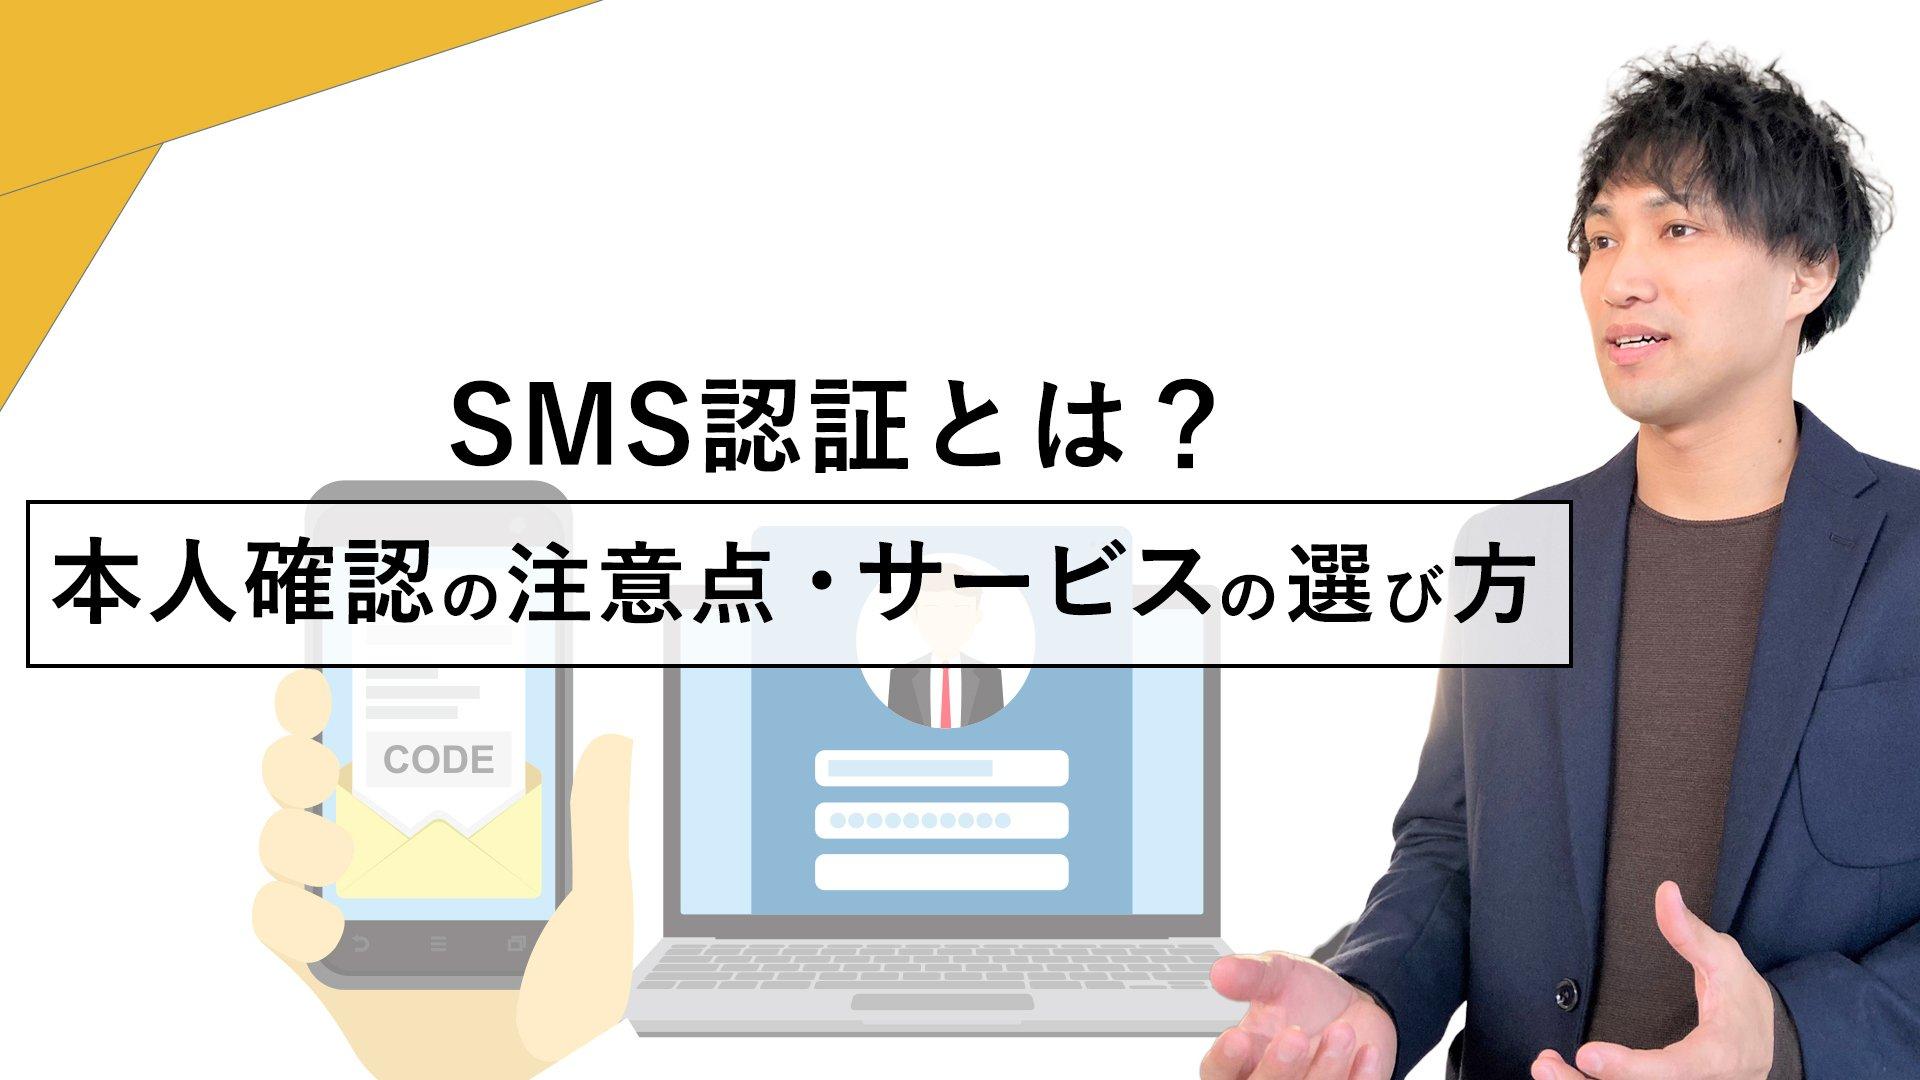 SMS認証とは?本人確認の注意すべきポイントとサービスの選び方